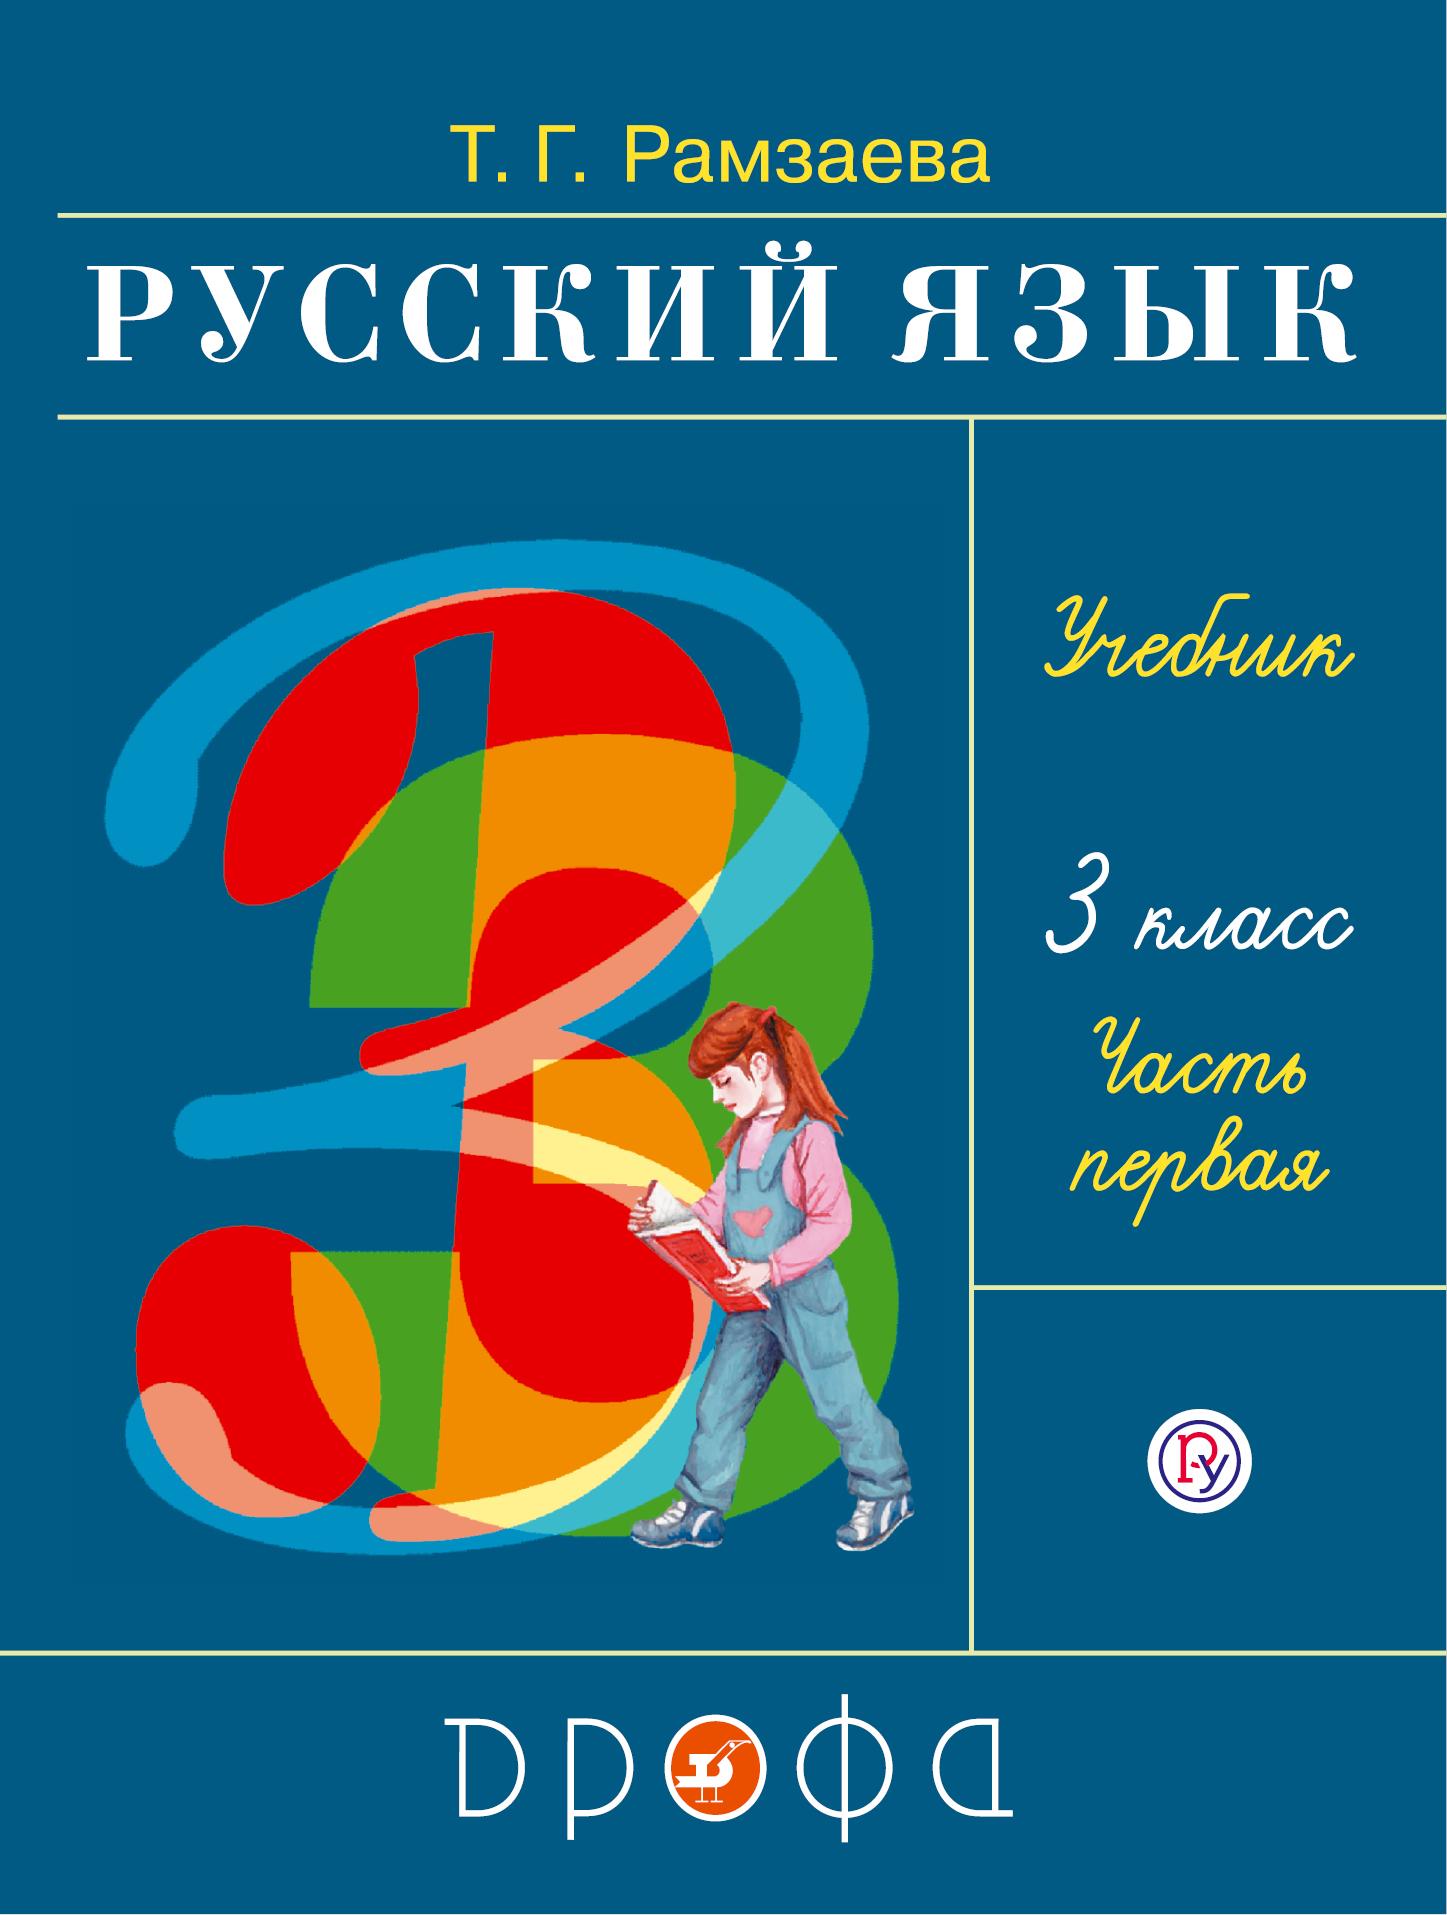 Рамзаева Т.Г. Русский язык. 3 класс. Учебник. Часть 1 русский язык 1 класс учебник ритм фгос